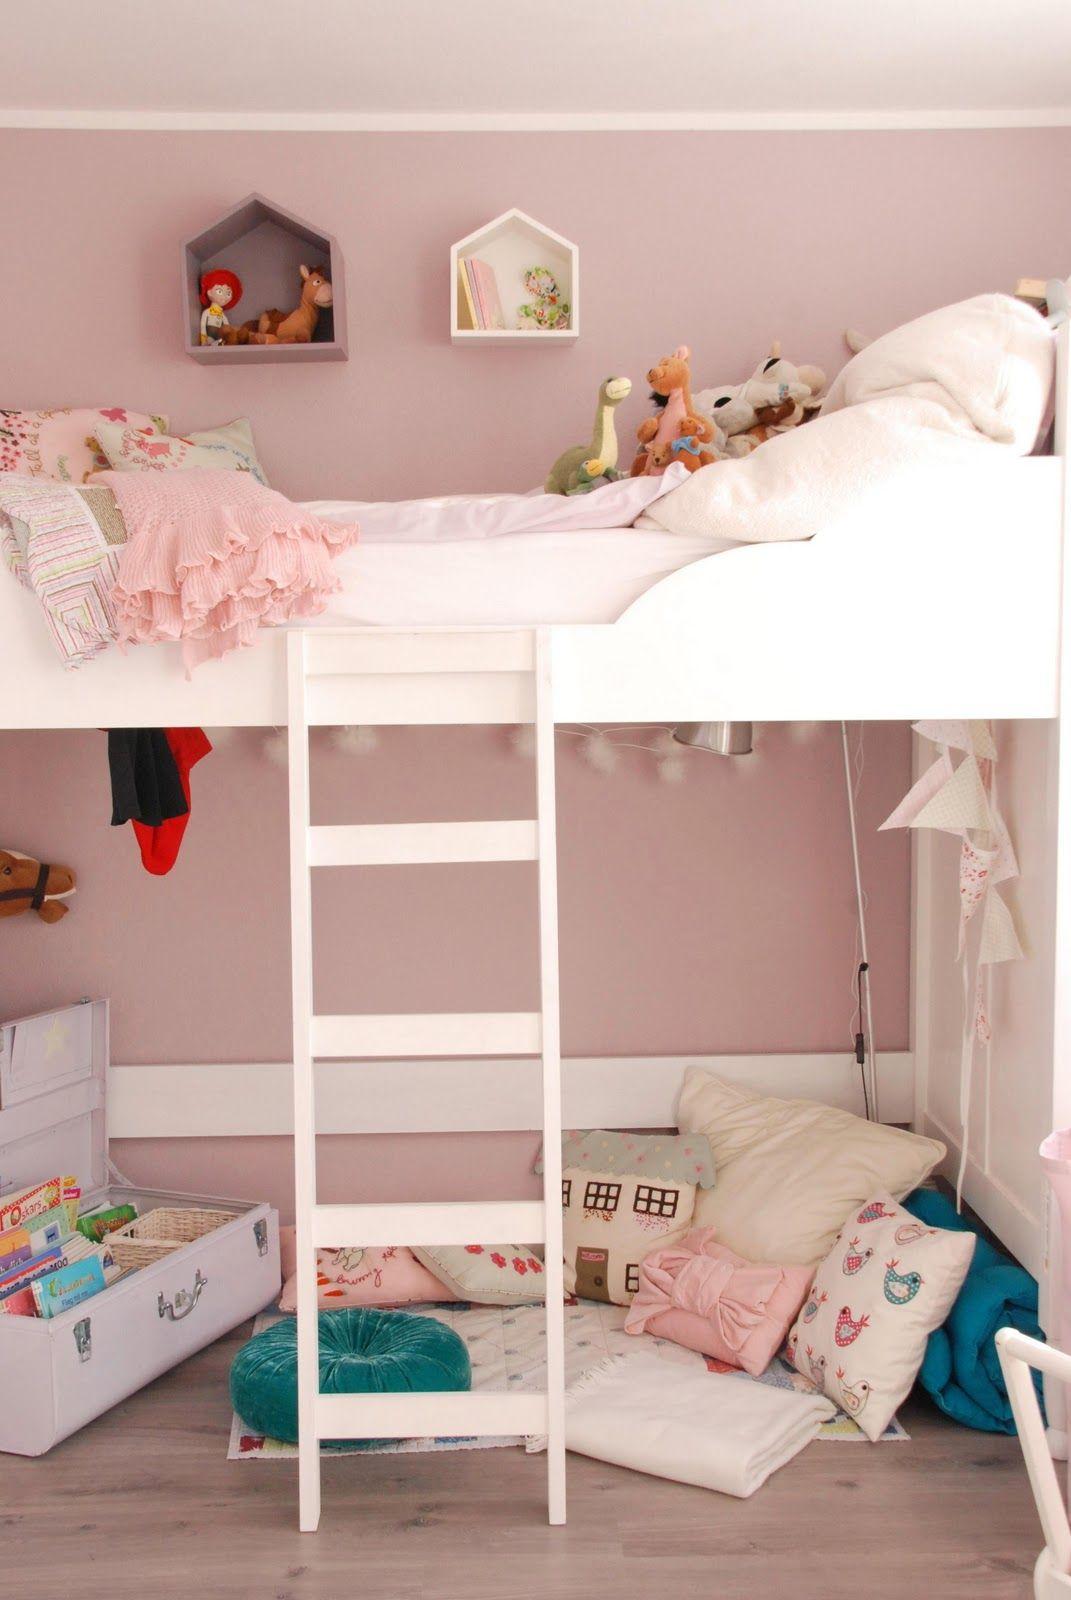 Kinderbett/Hochbett, ein Traum für Mädchen! | Kinderzimmer ...